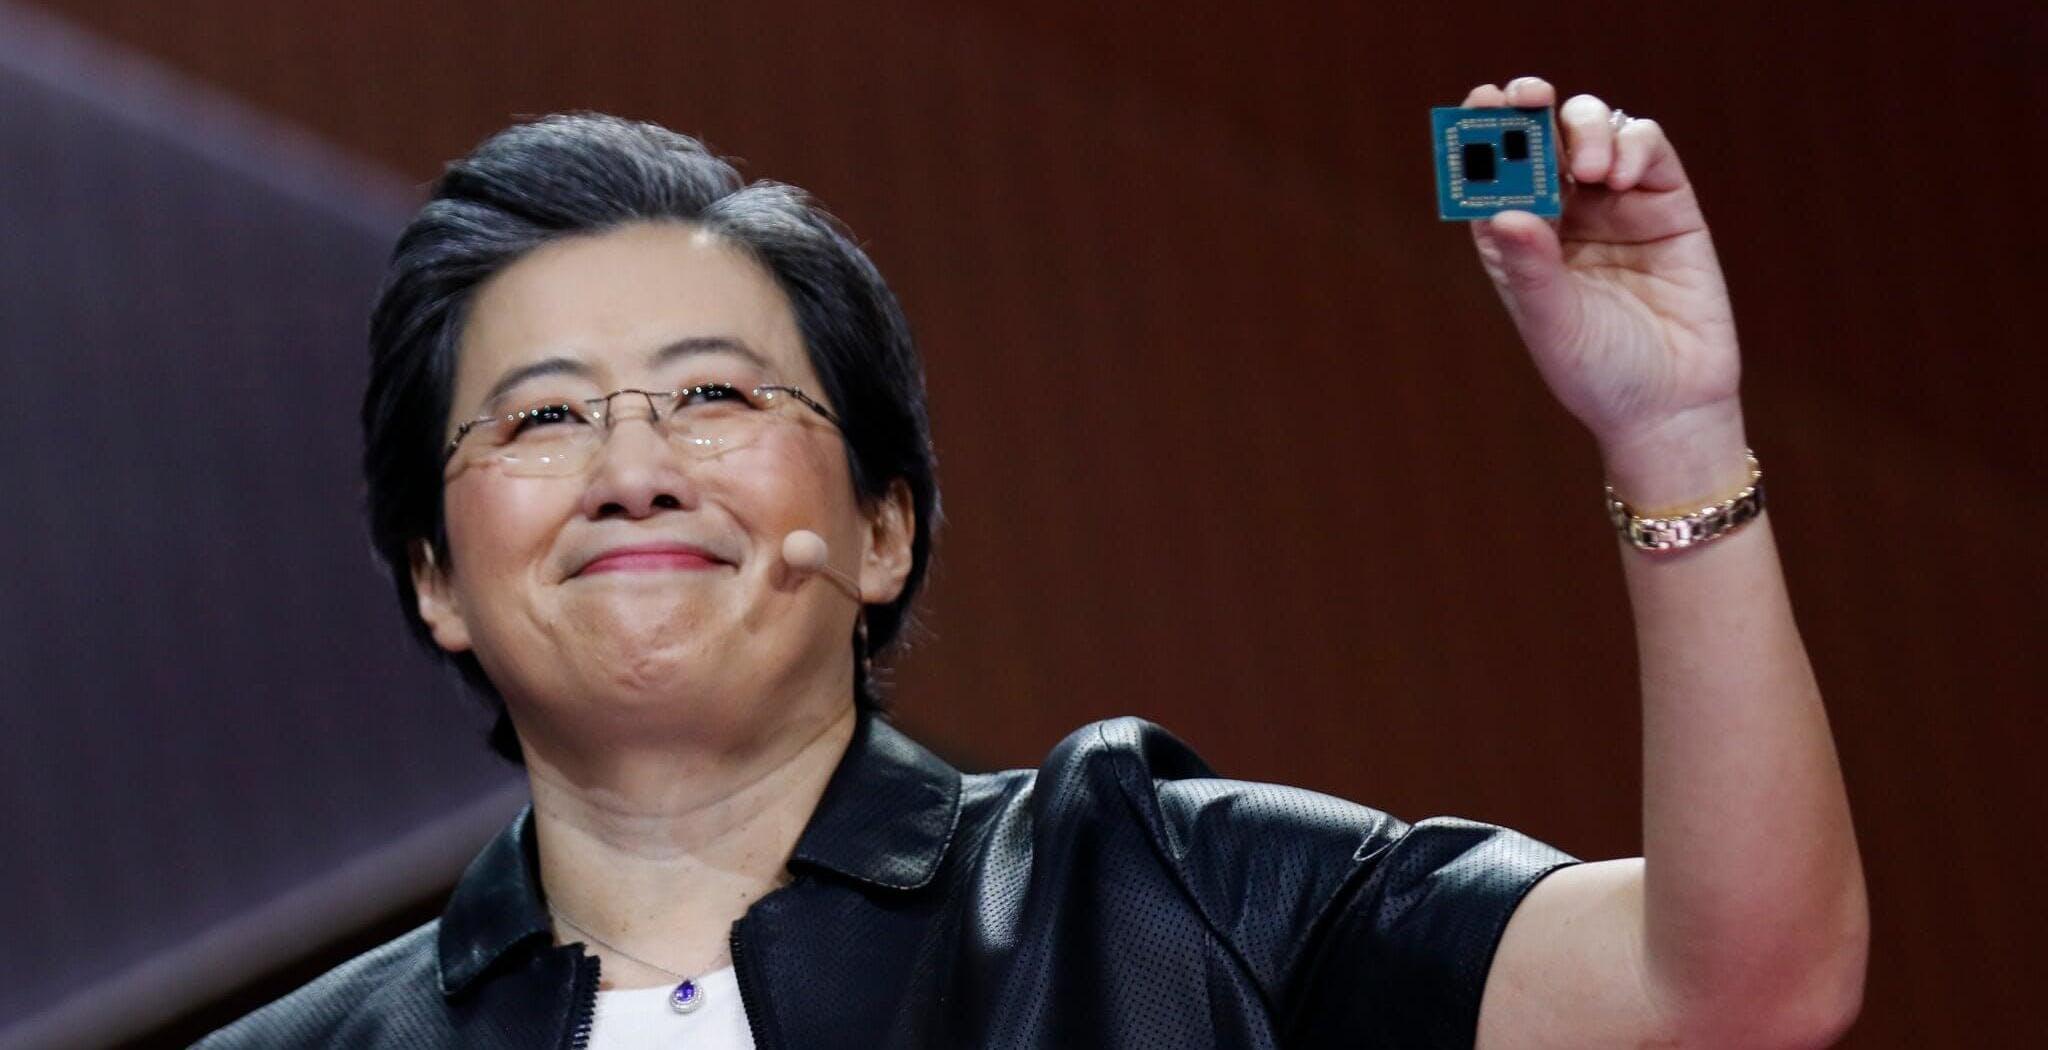 La scarsità di PS5 e Xbox non si risolverà prima di sei mesi, secondo AMD